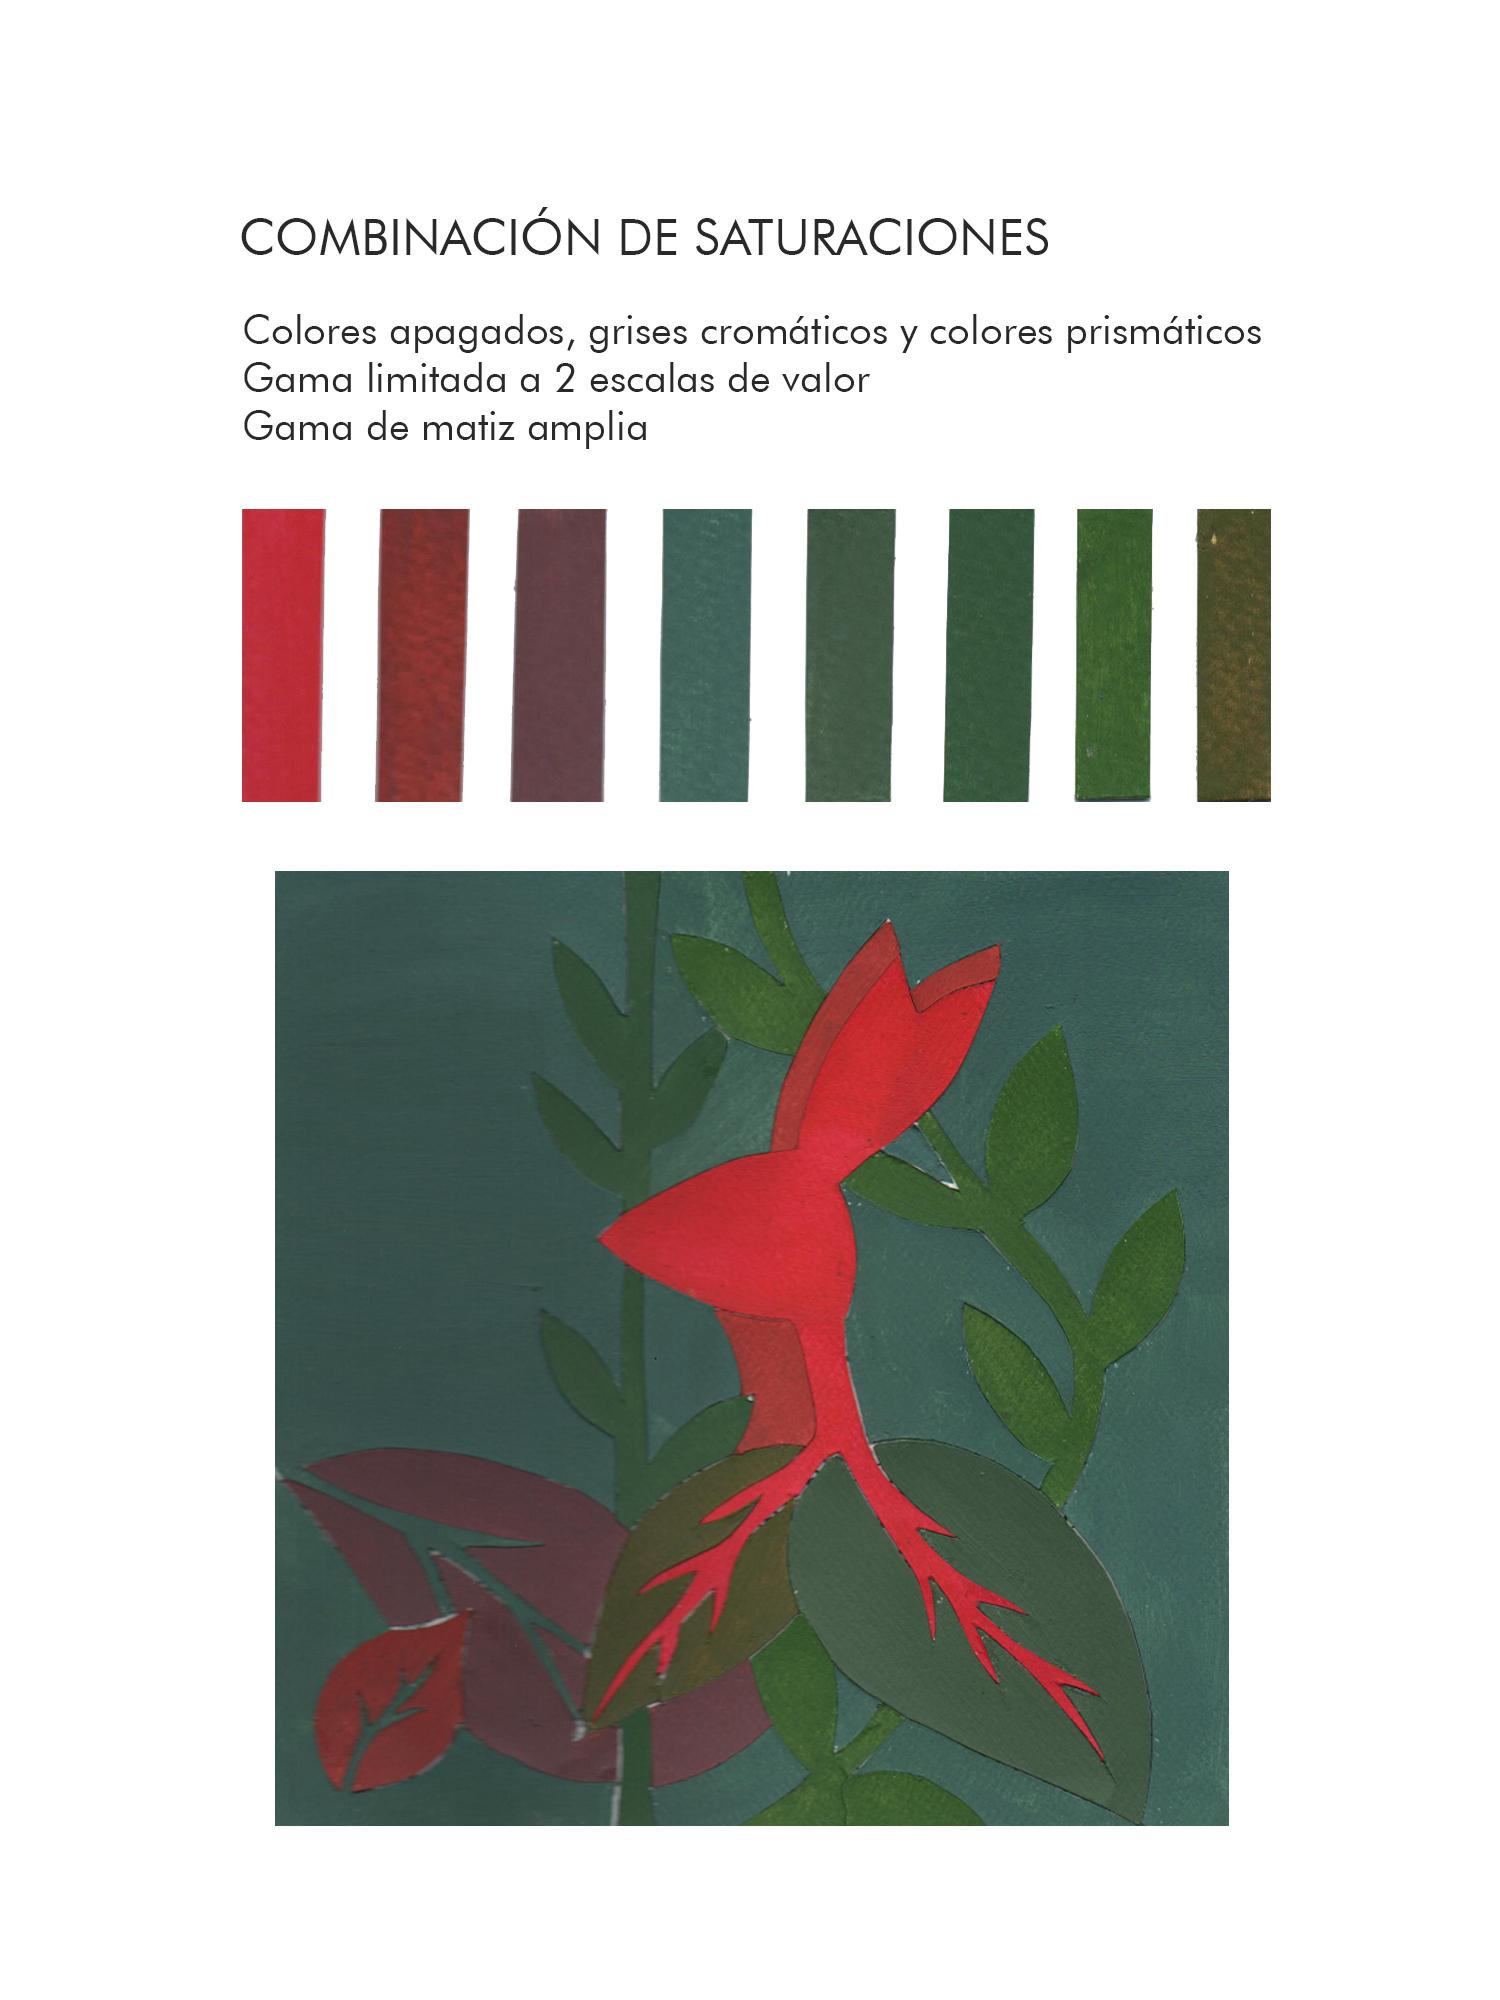 Andrea Santillán, Combinación de saturaciones